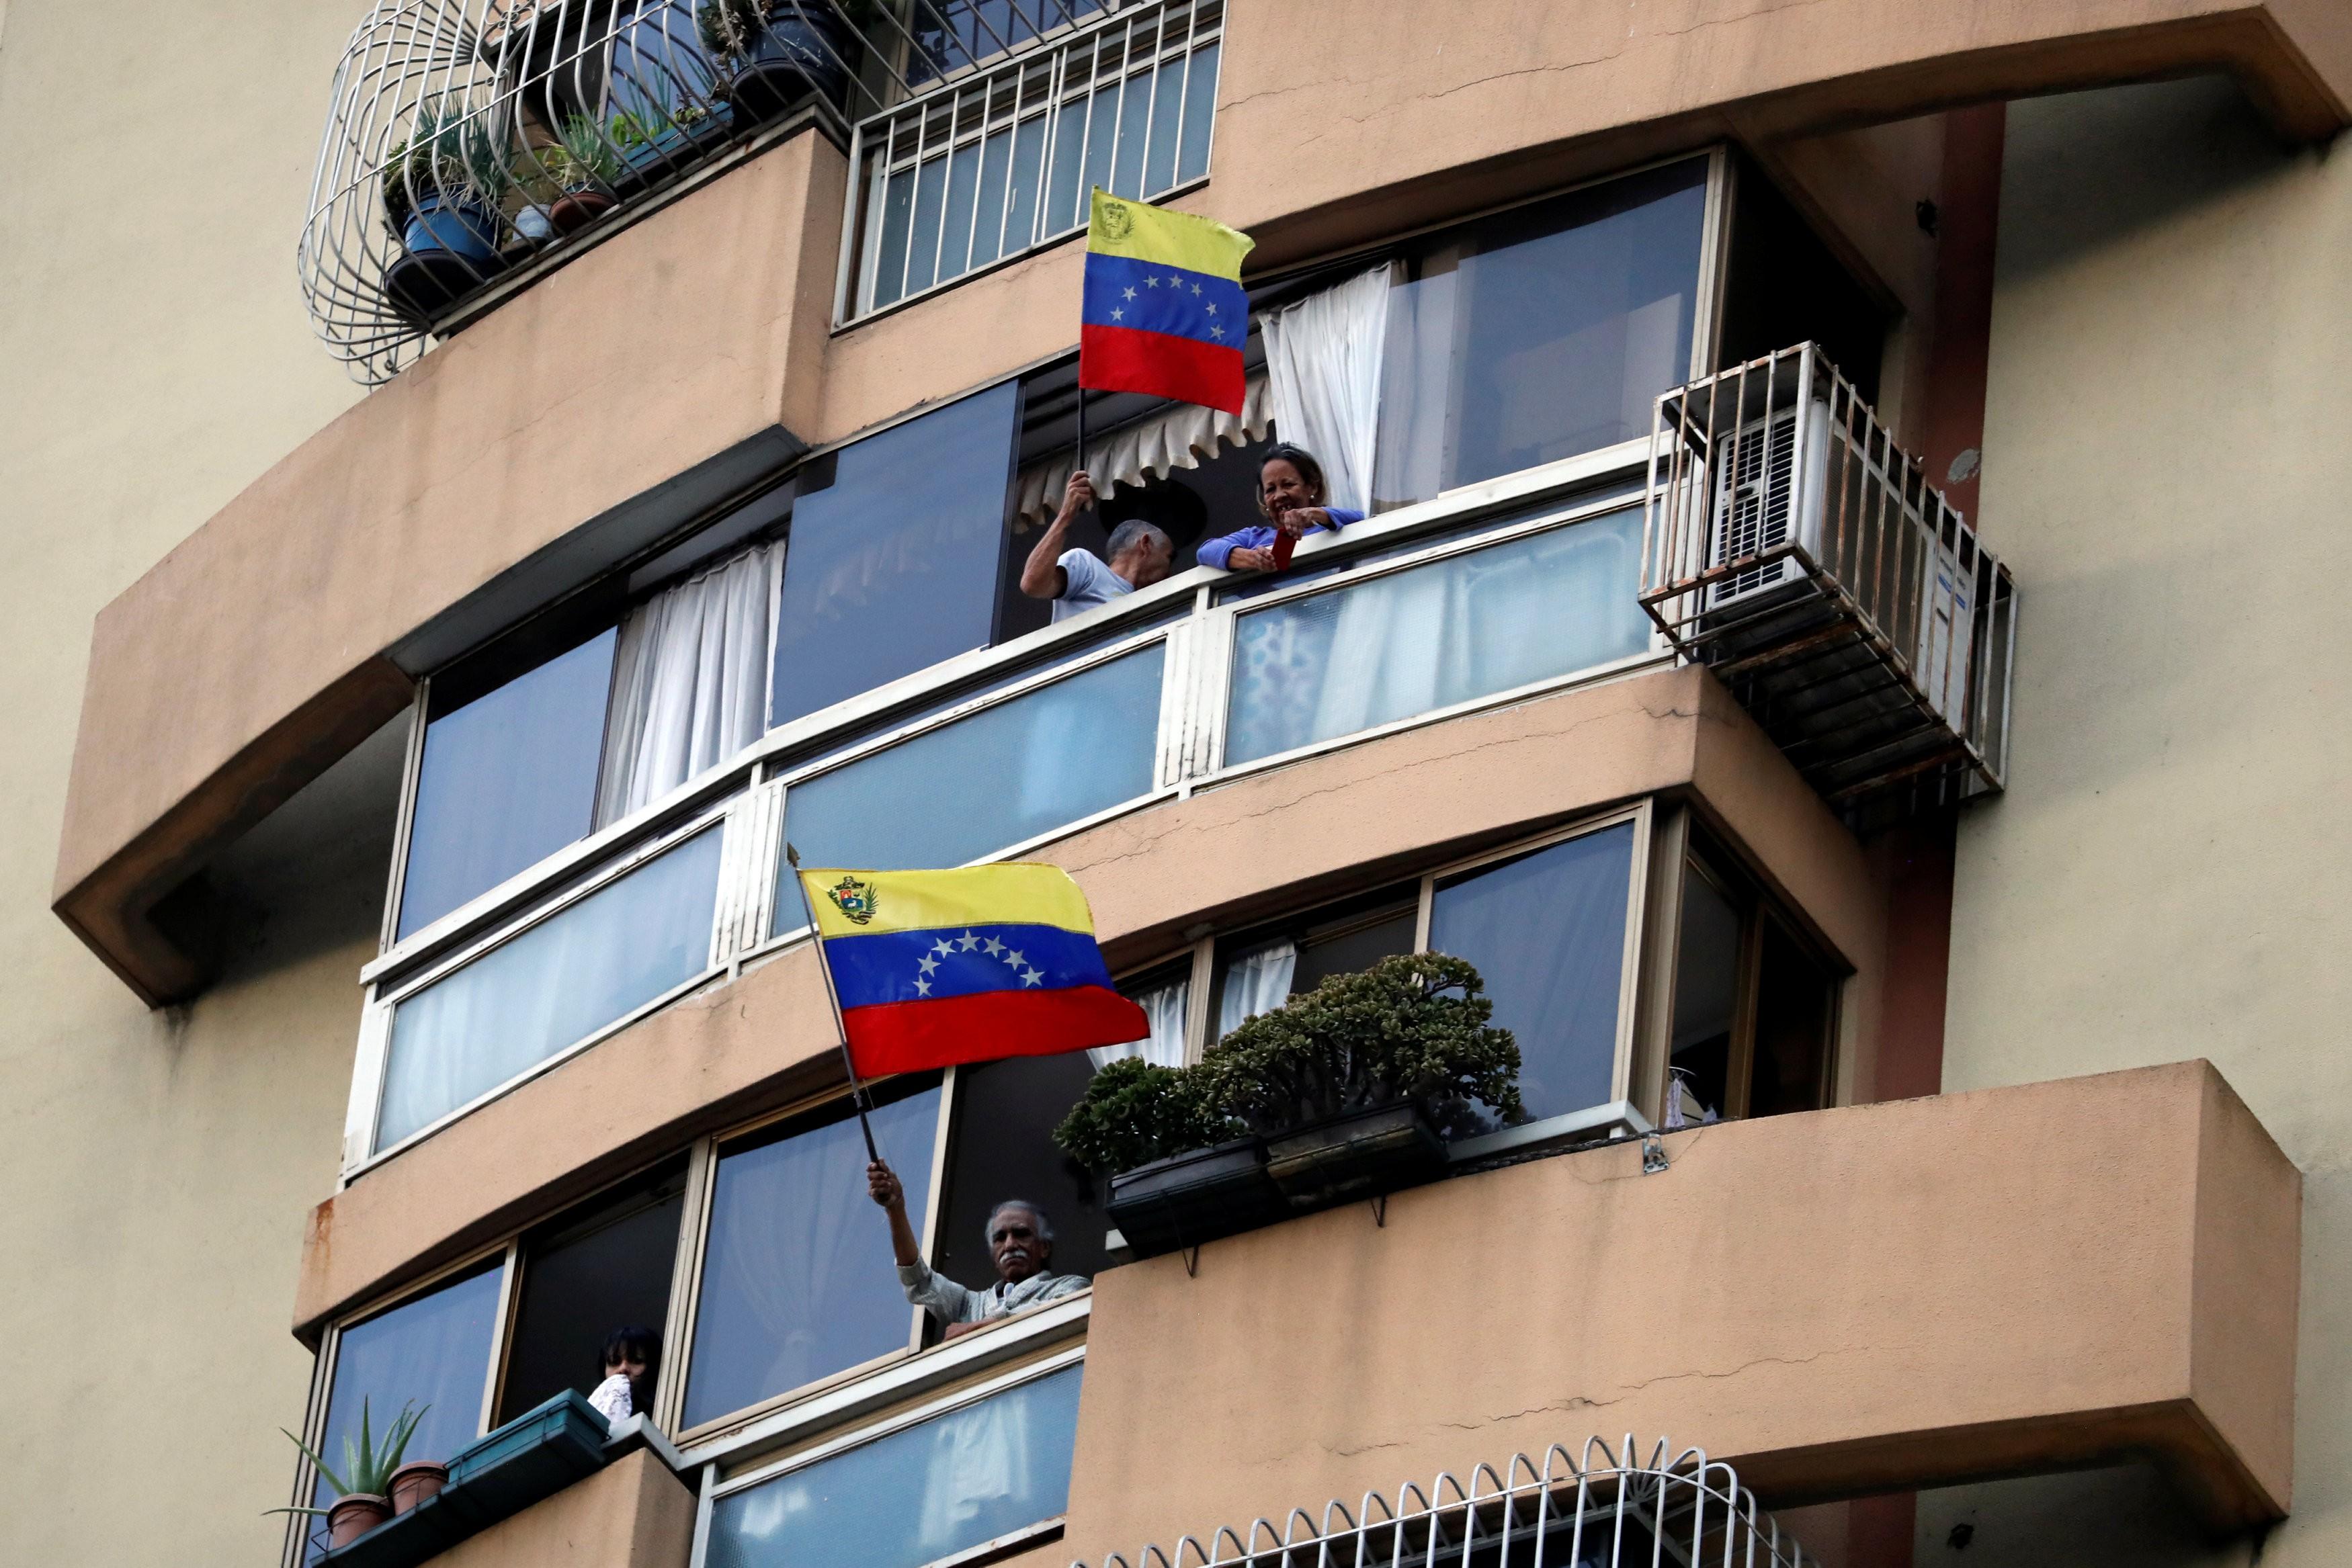 EUA impõem sanções a empresários colombianos acusados de participar de esquema de corrupção na Venezuela - Notícias - Plantão Diário